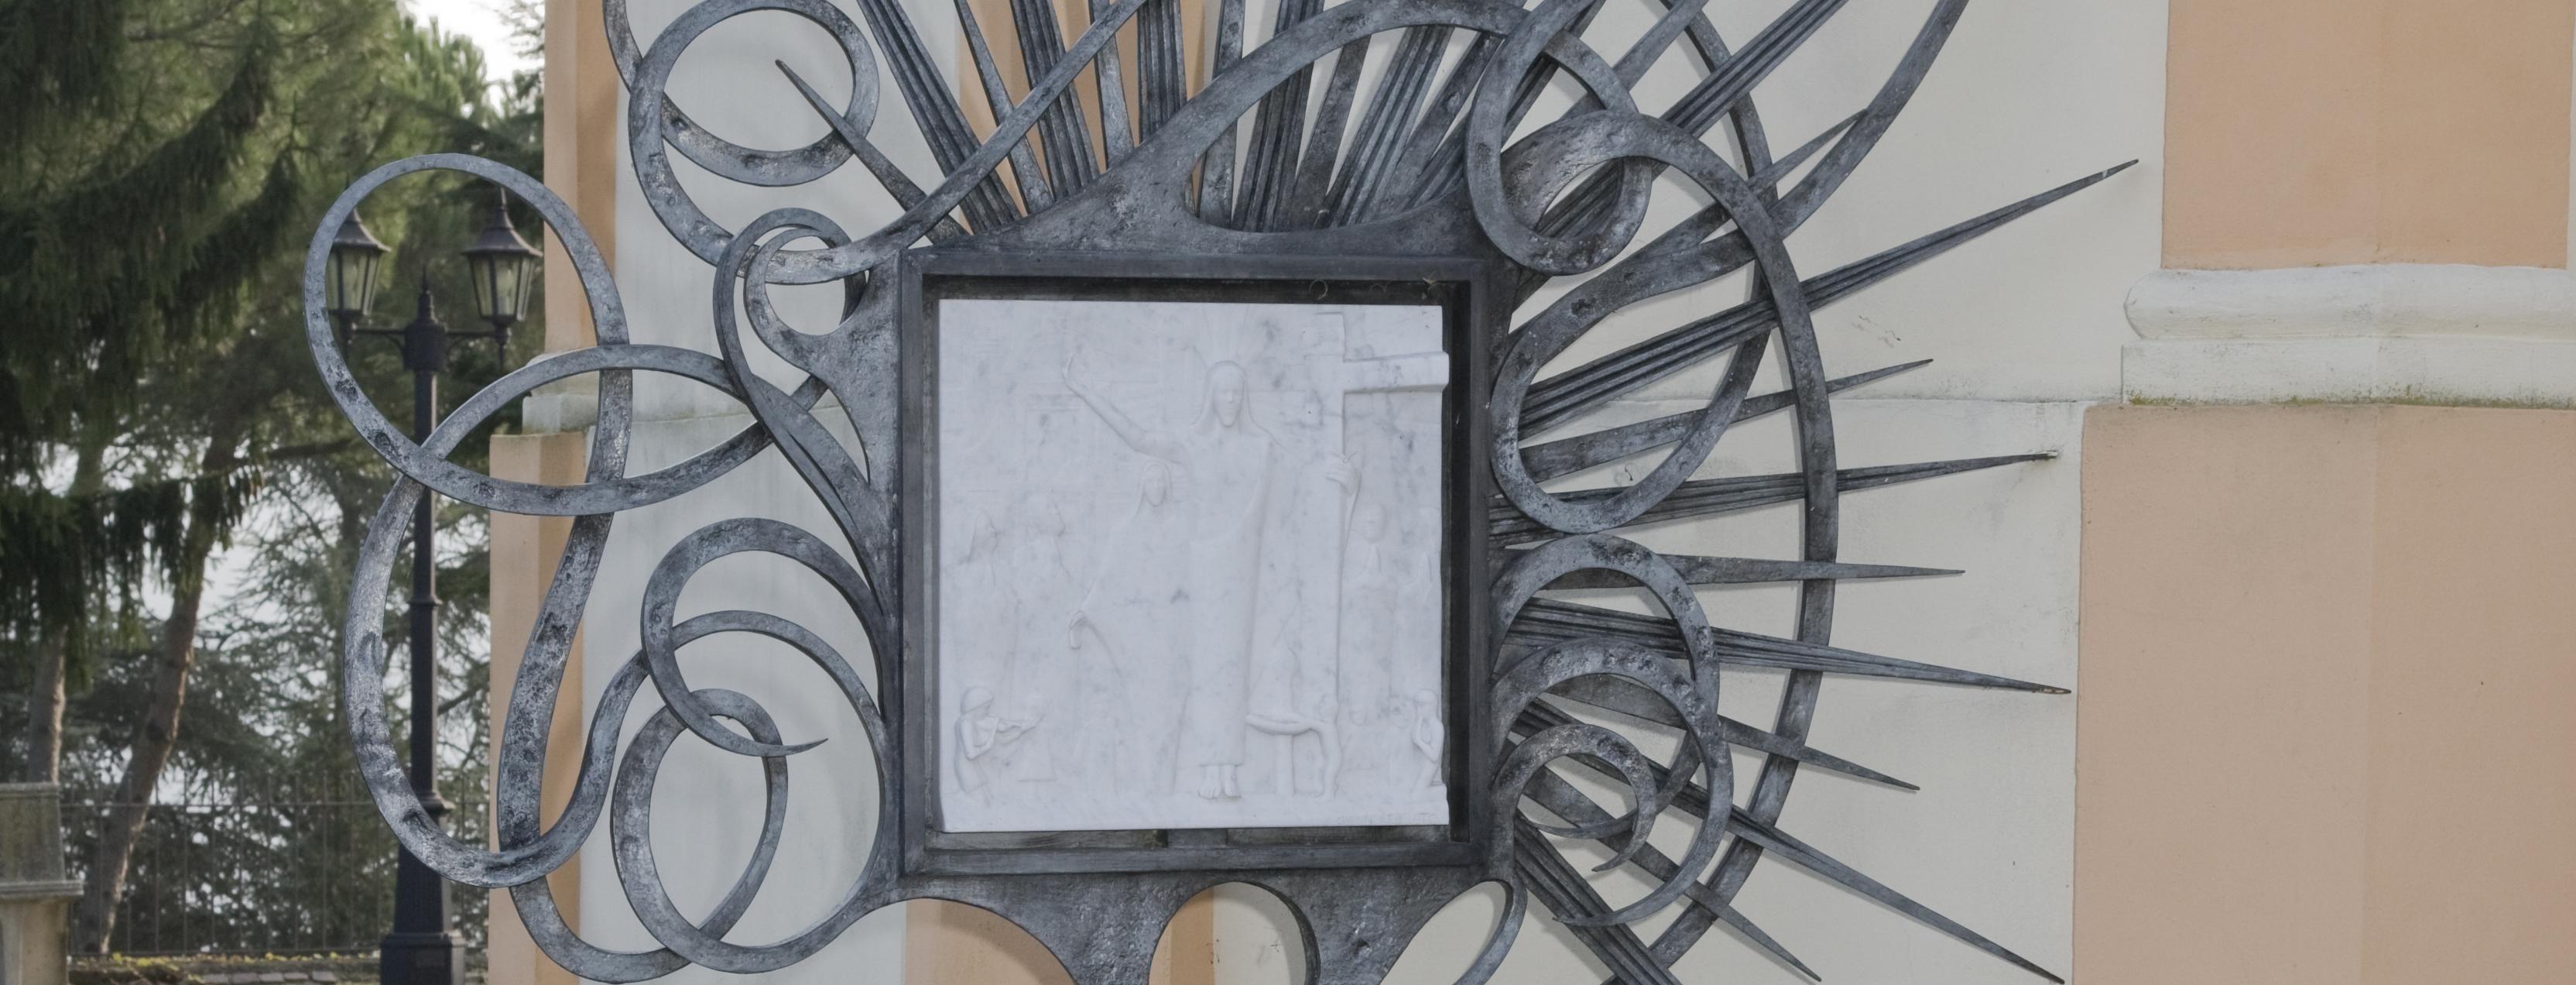 progetto stazioni via crucis in marmo